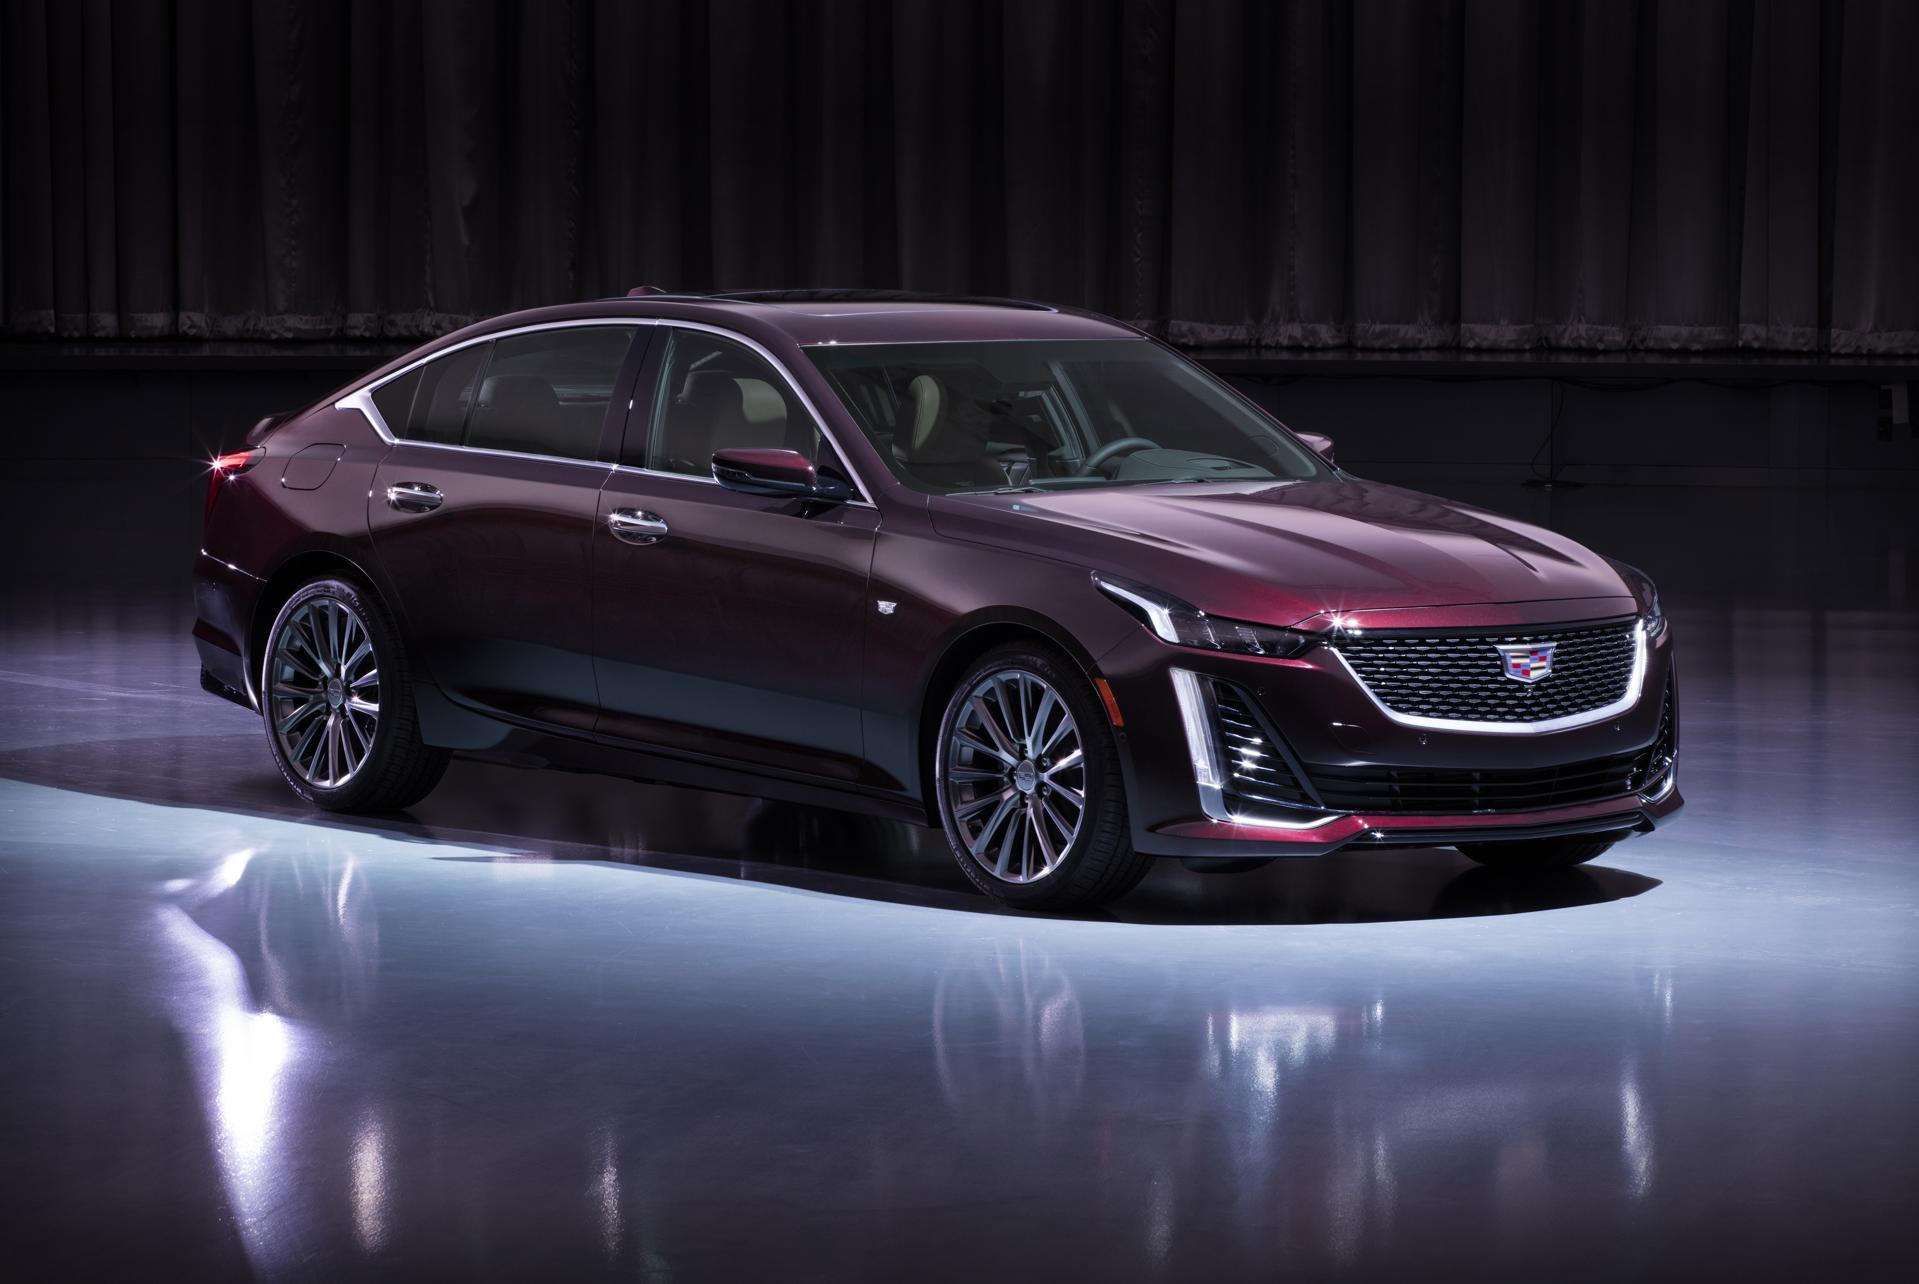 2020-Cadillac-CT5-PremiumLuxury-010